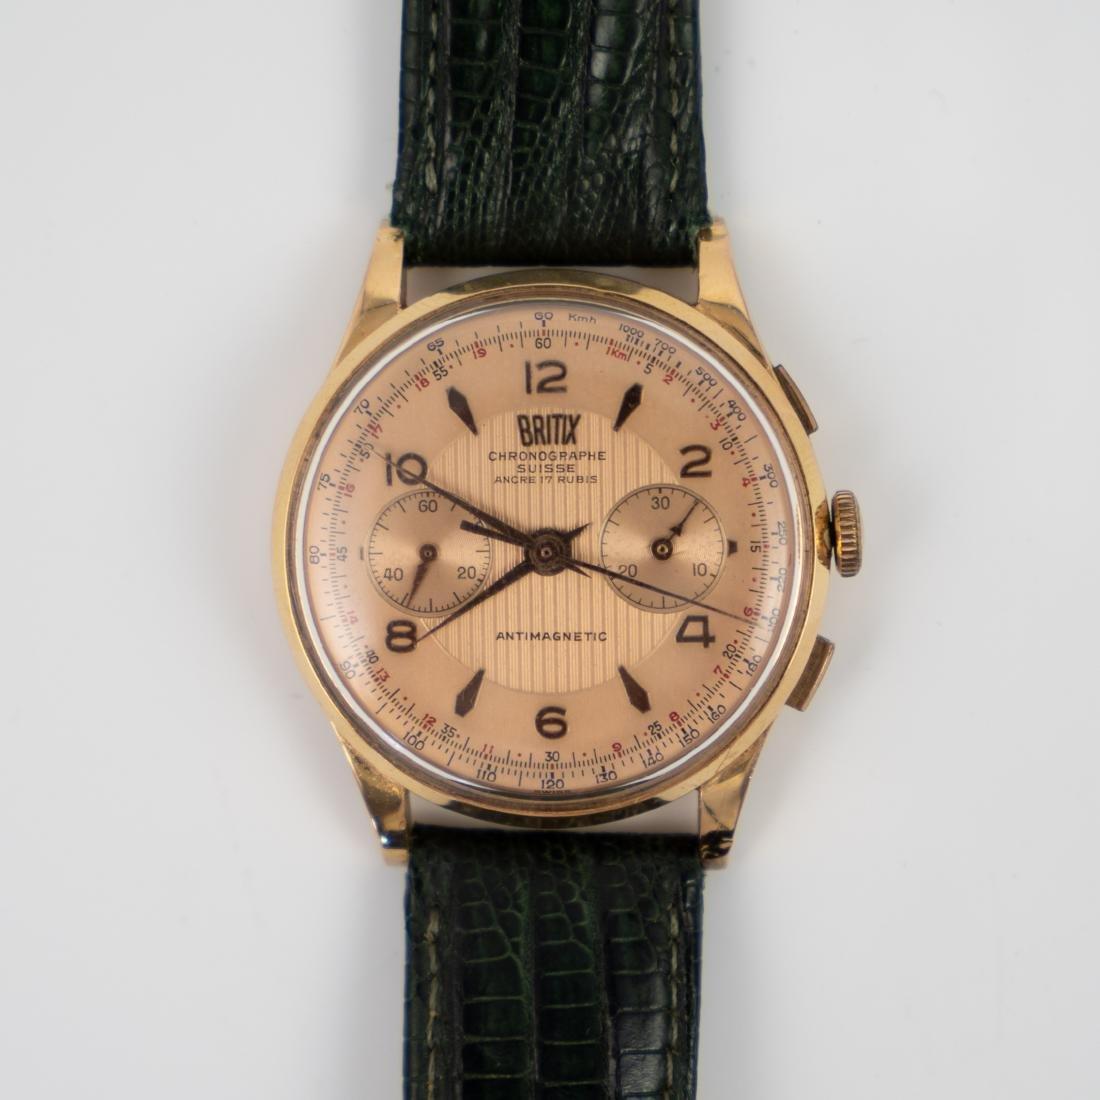 Vintage Britix 18k Rose Gold Watch